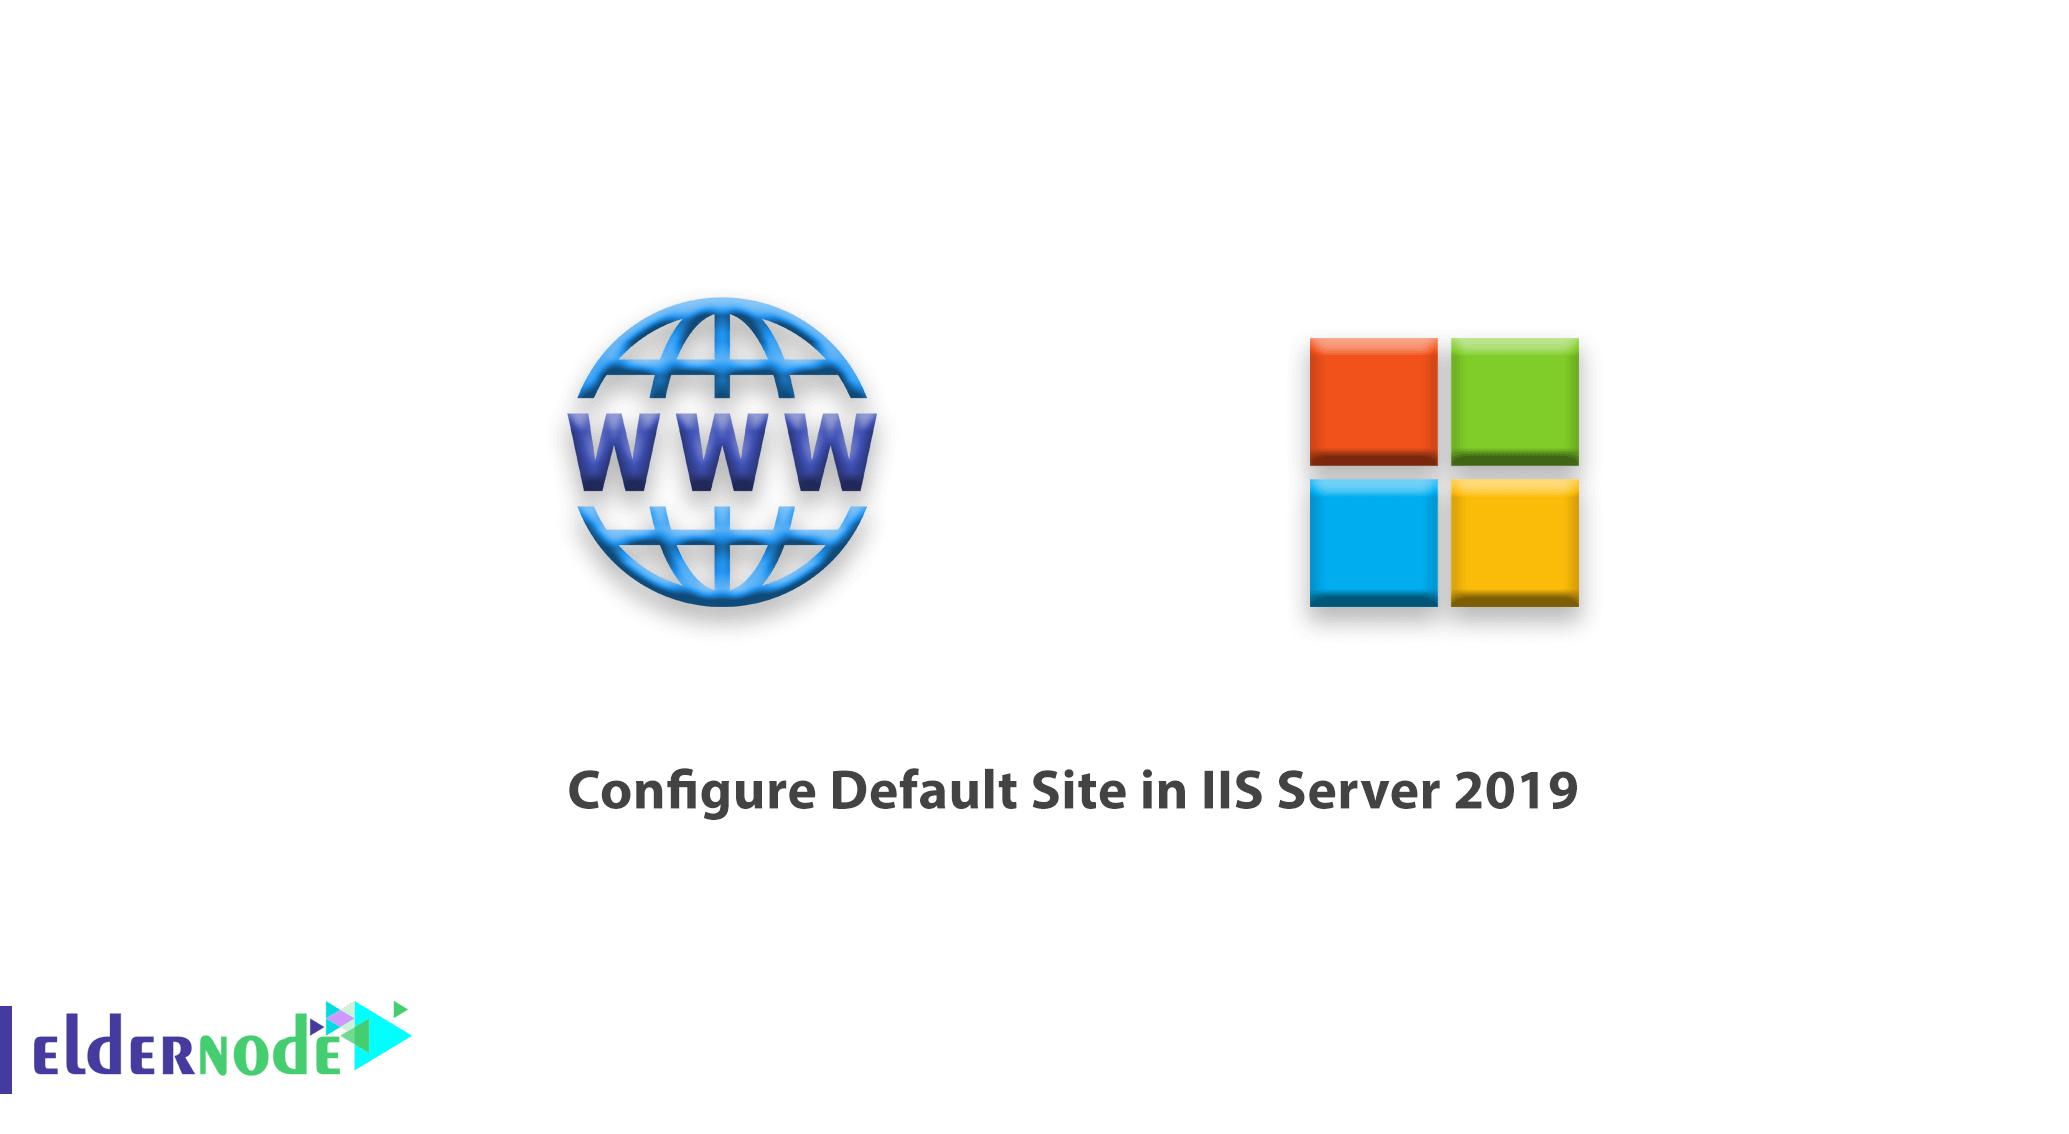 How To Configure Default Site in IIS Server 2019